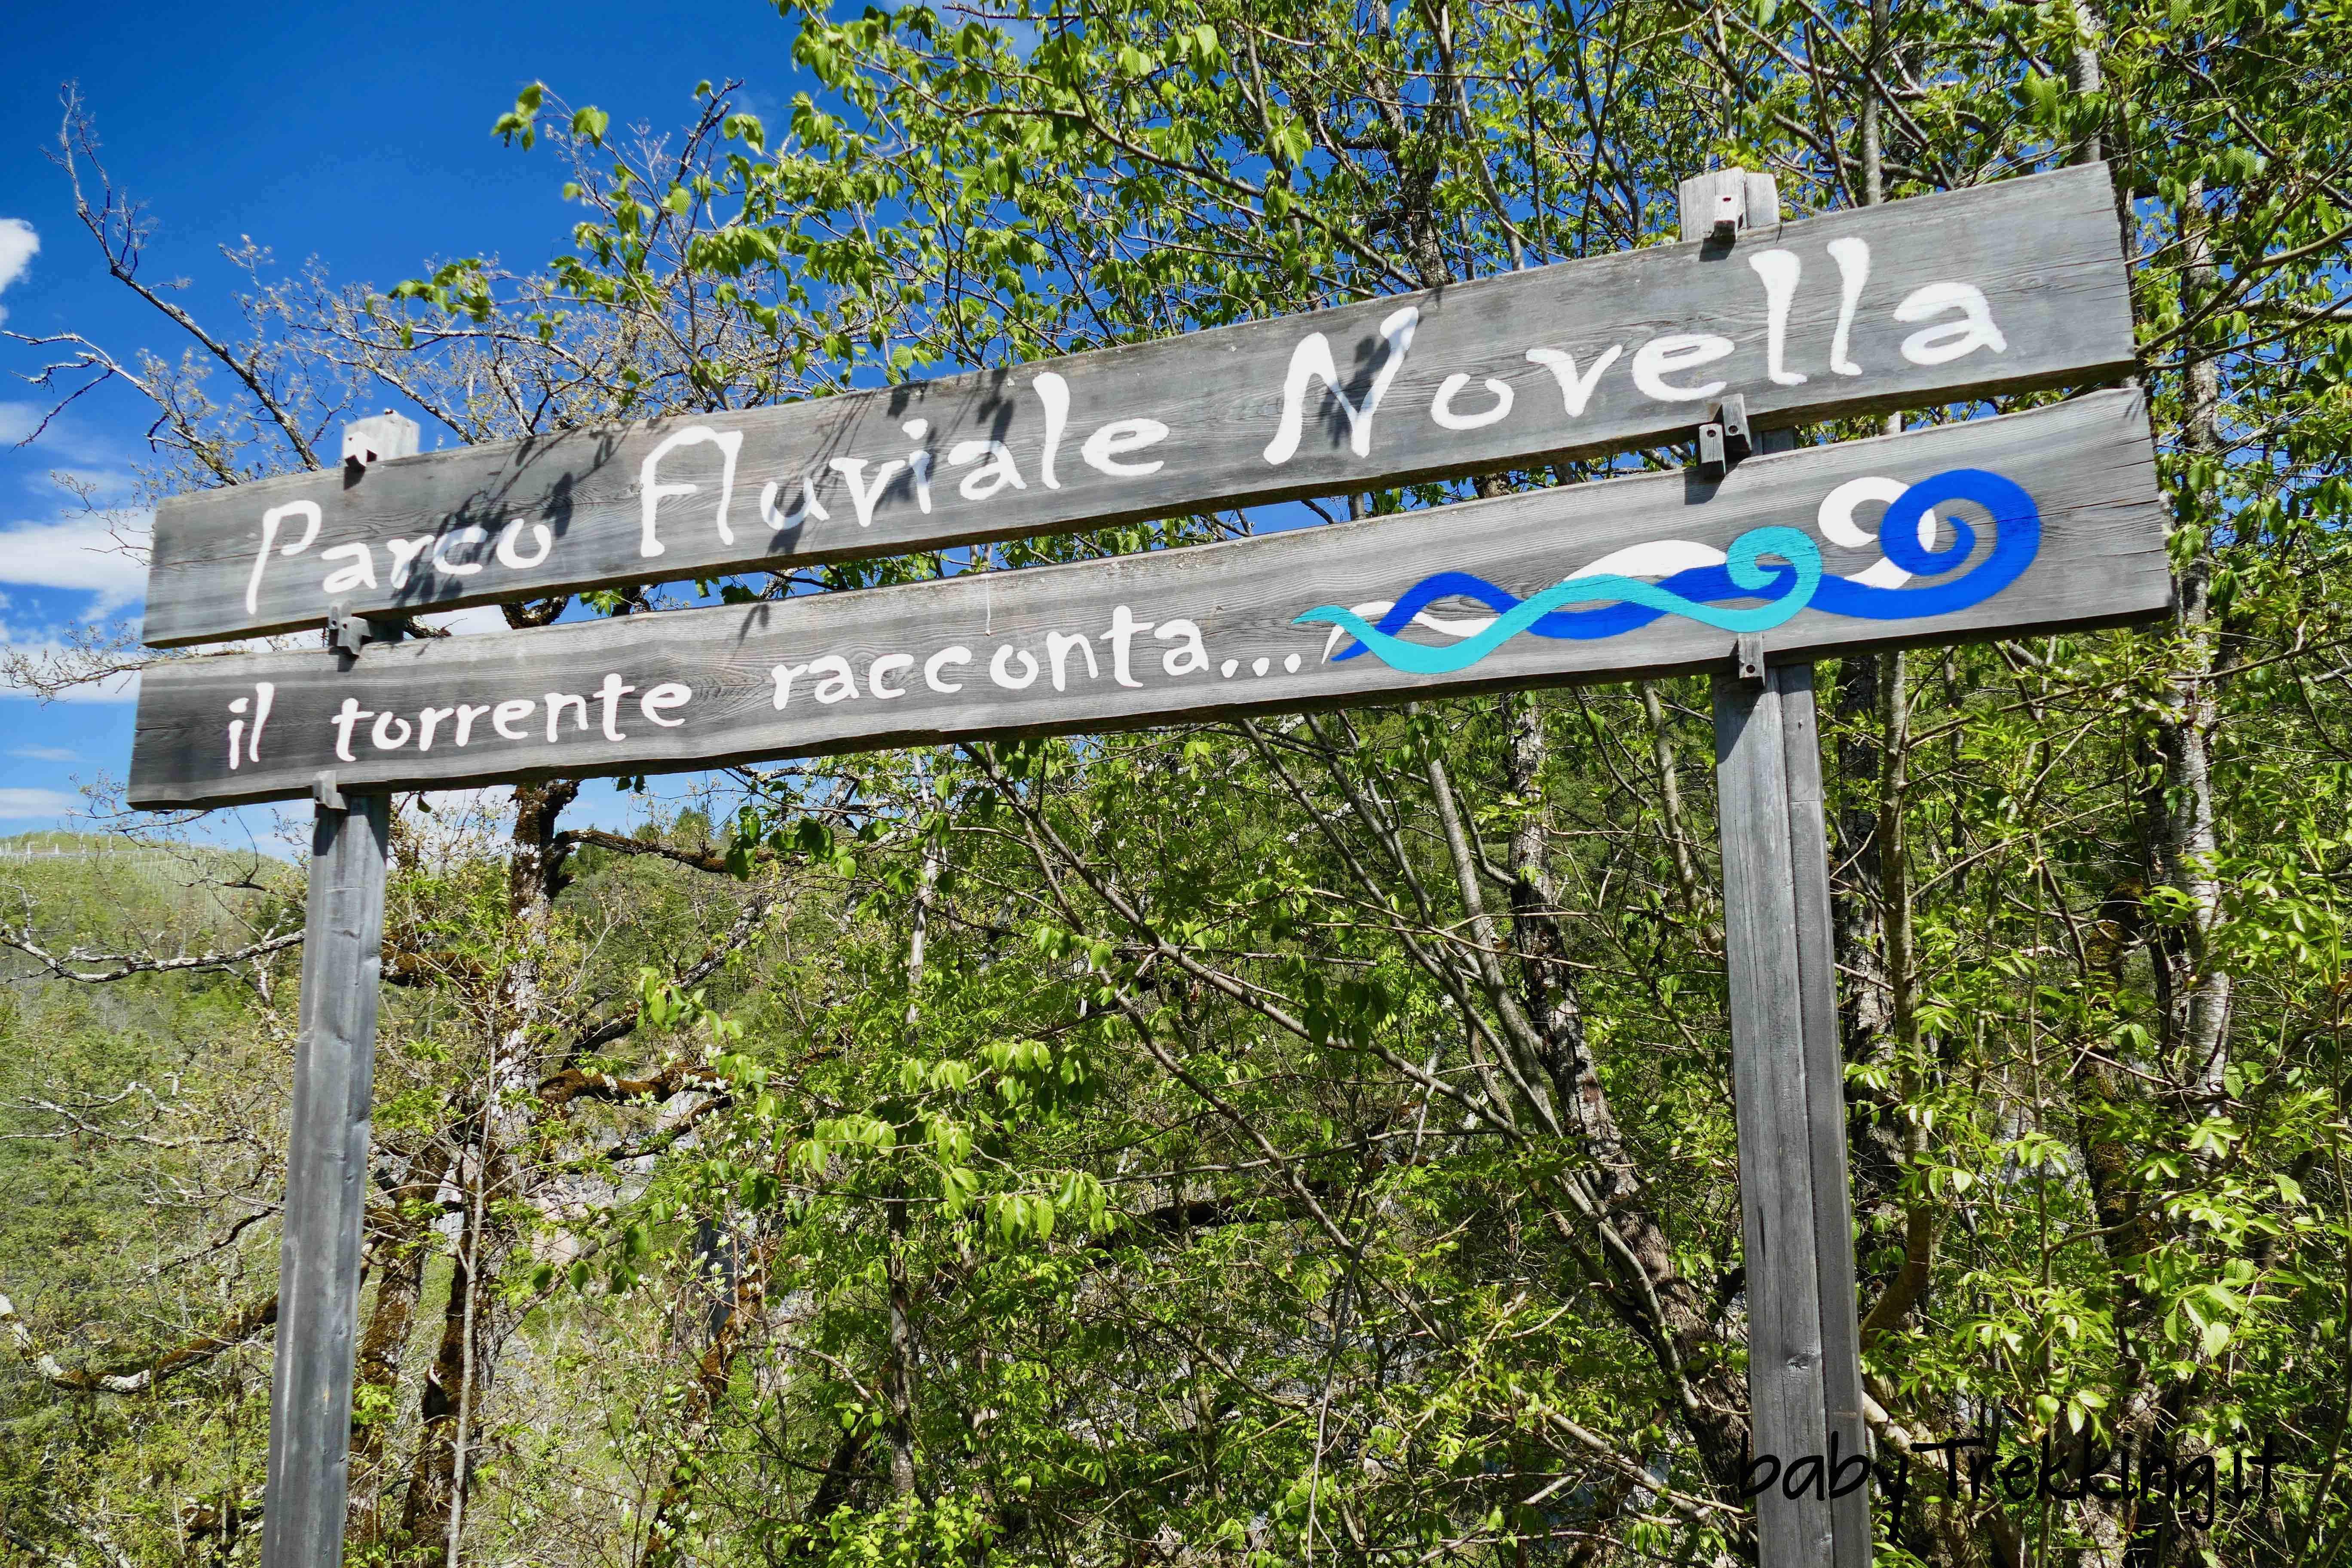 Parco Fluviale Novella, coi bambini nelle strette forre della Val di Non